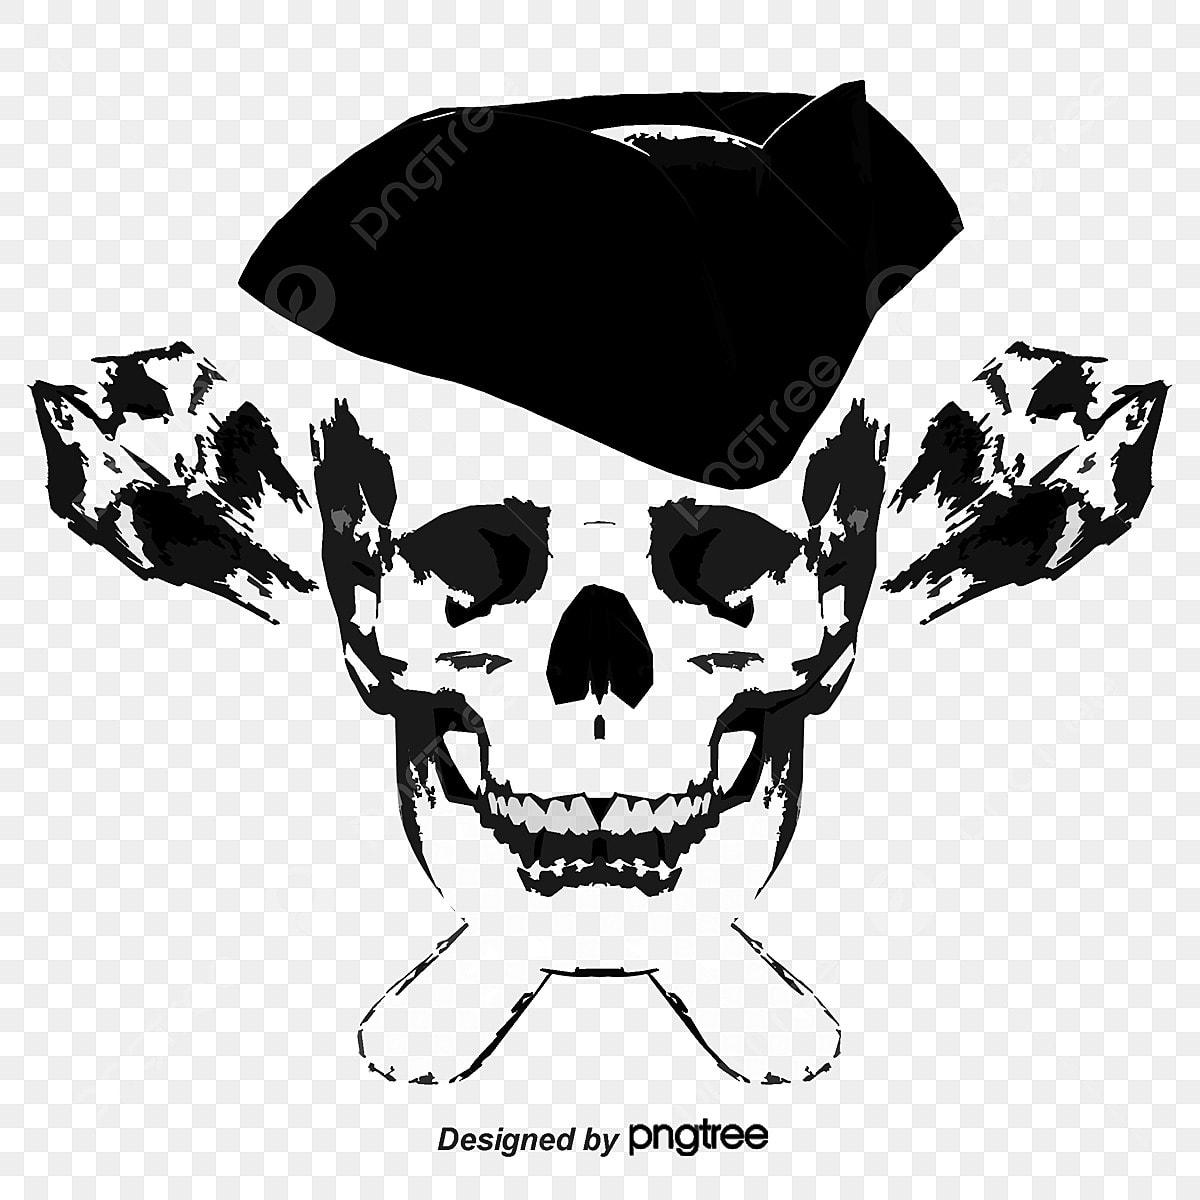 Gambar Garis Seni Bendera Atau Lencana Bajak Laut Ilustrasi Rekaman Vektor Vektor Garis Lukisan Ilustrasi Bahan Kepala Tengkorak Ilustrasi Perpustakaan Png Dan Psd Untuk Muat Turun Percuma